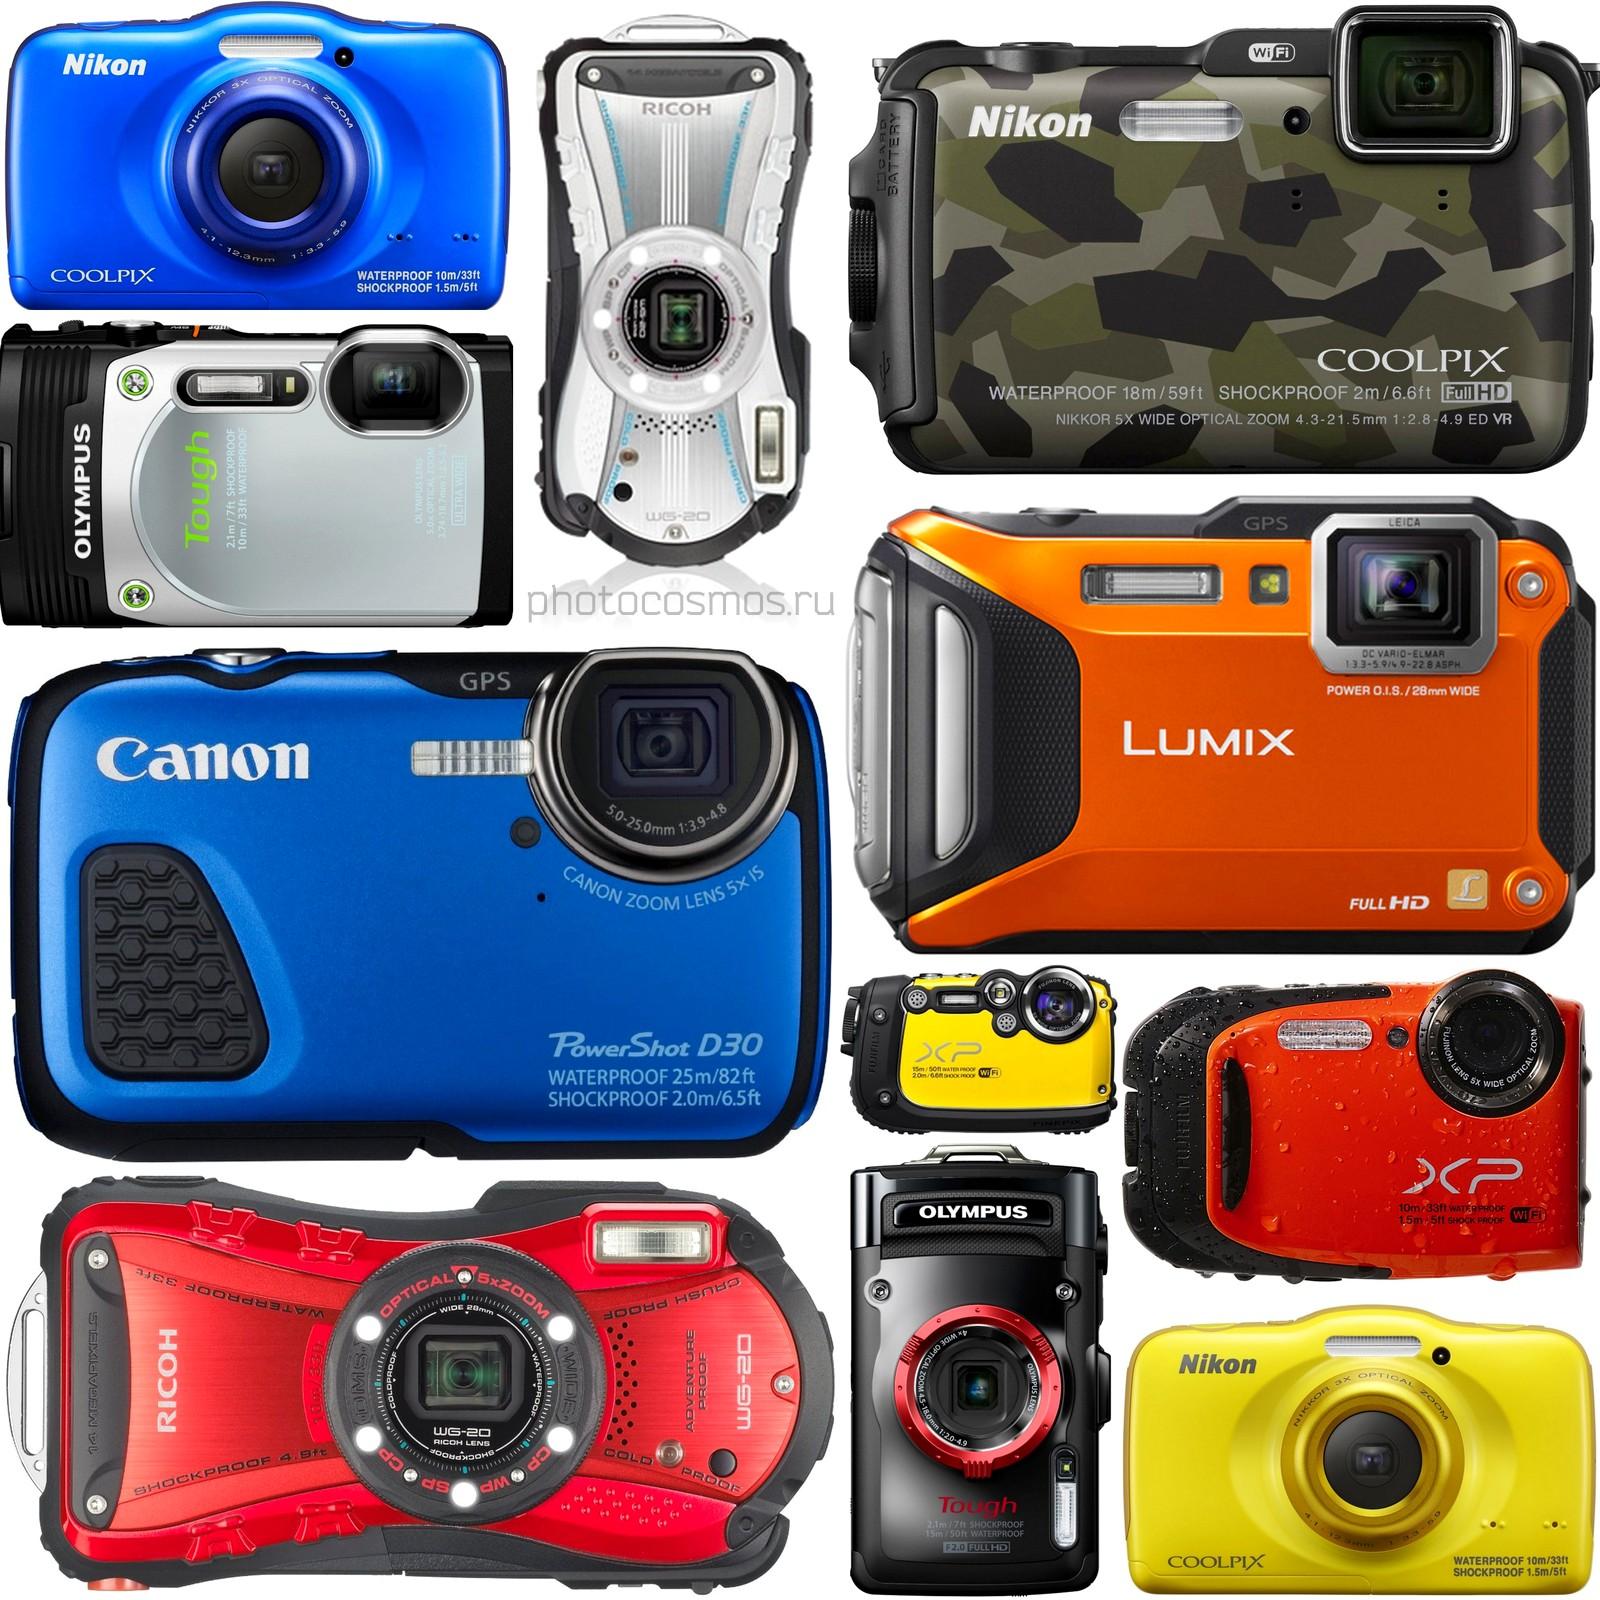 Все о моноподах для фотоаппаратов